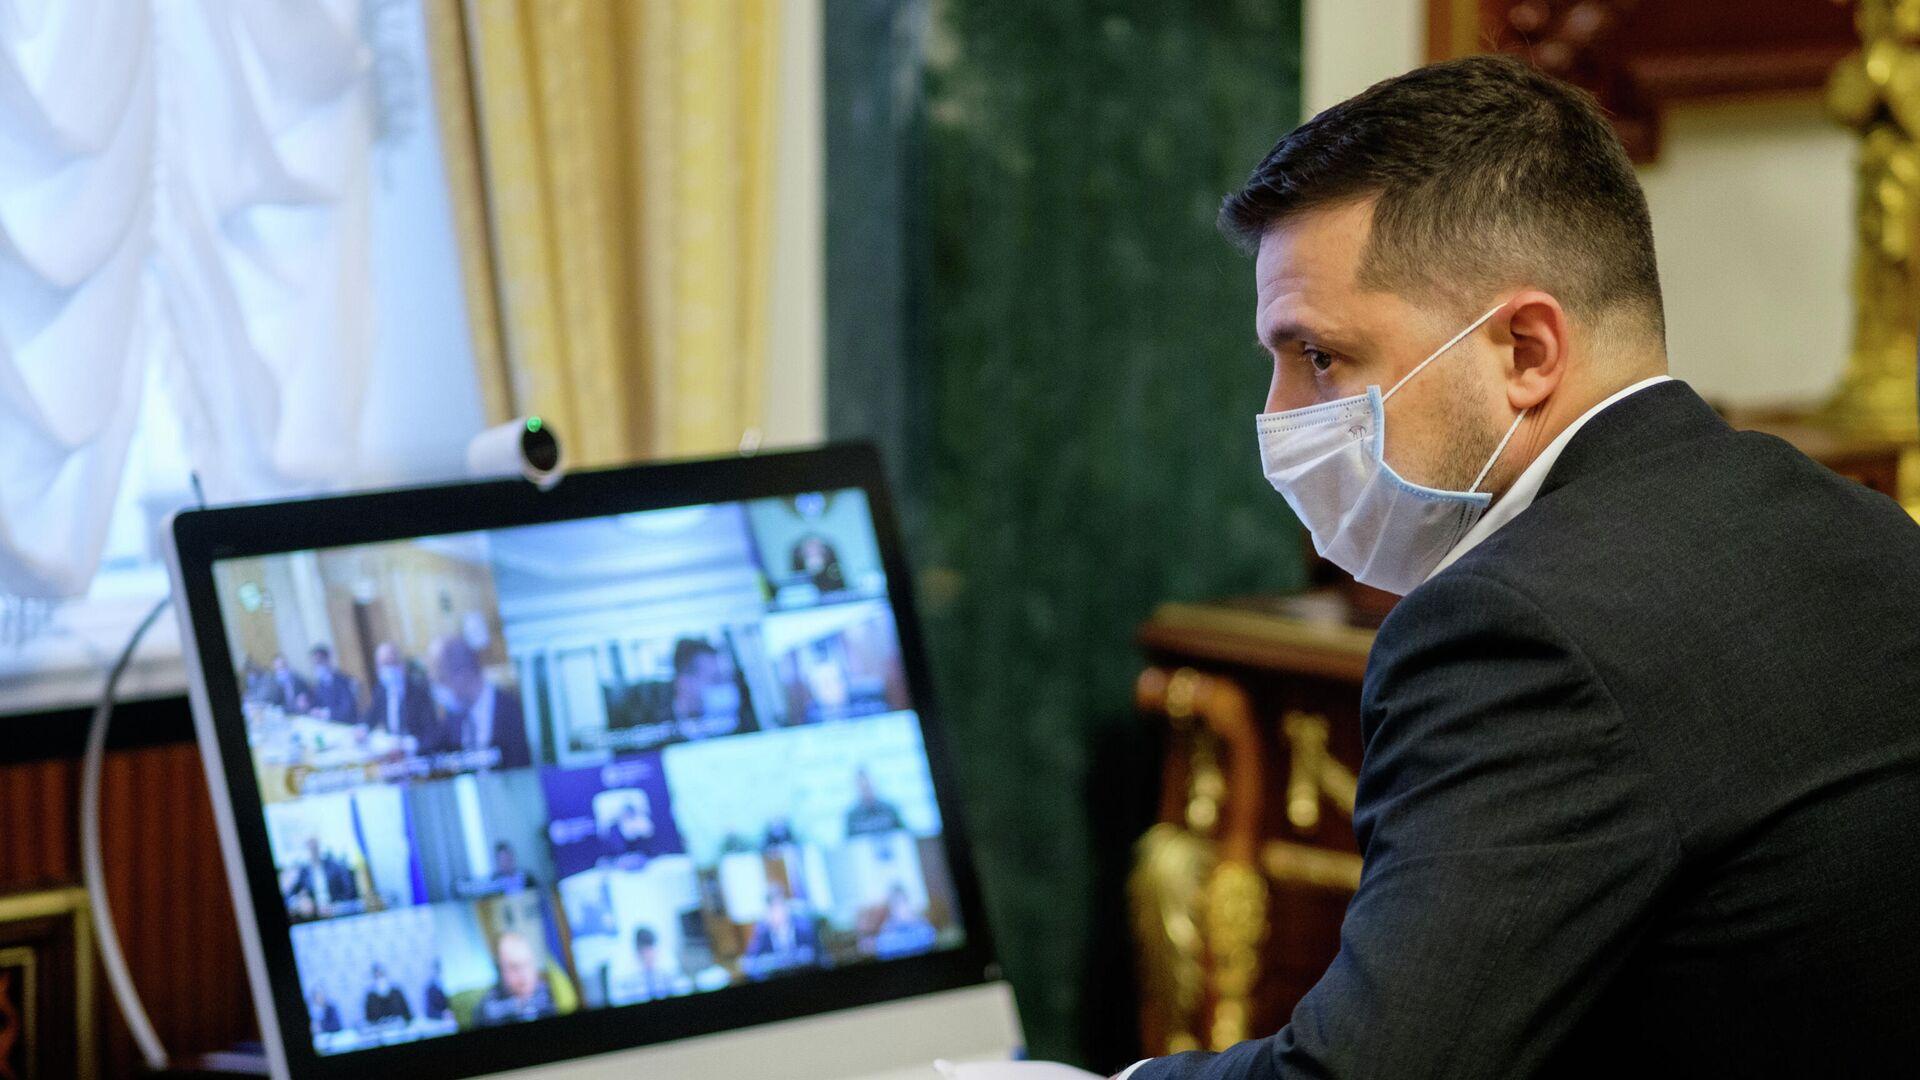 Президент Украины Владимир Зеленский во время совещания в режиме онлайн - РИА Новости, 1920, 06.03.2021